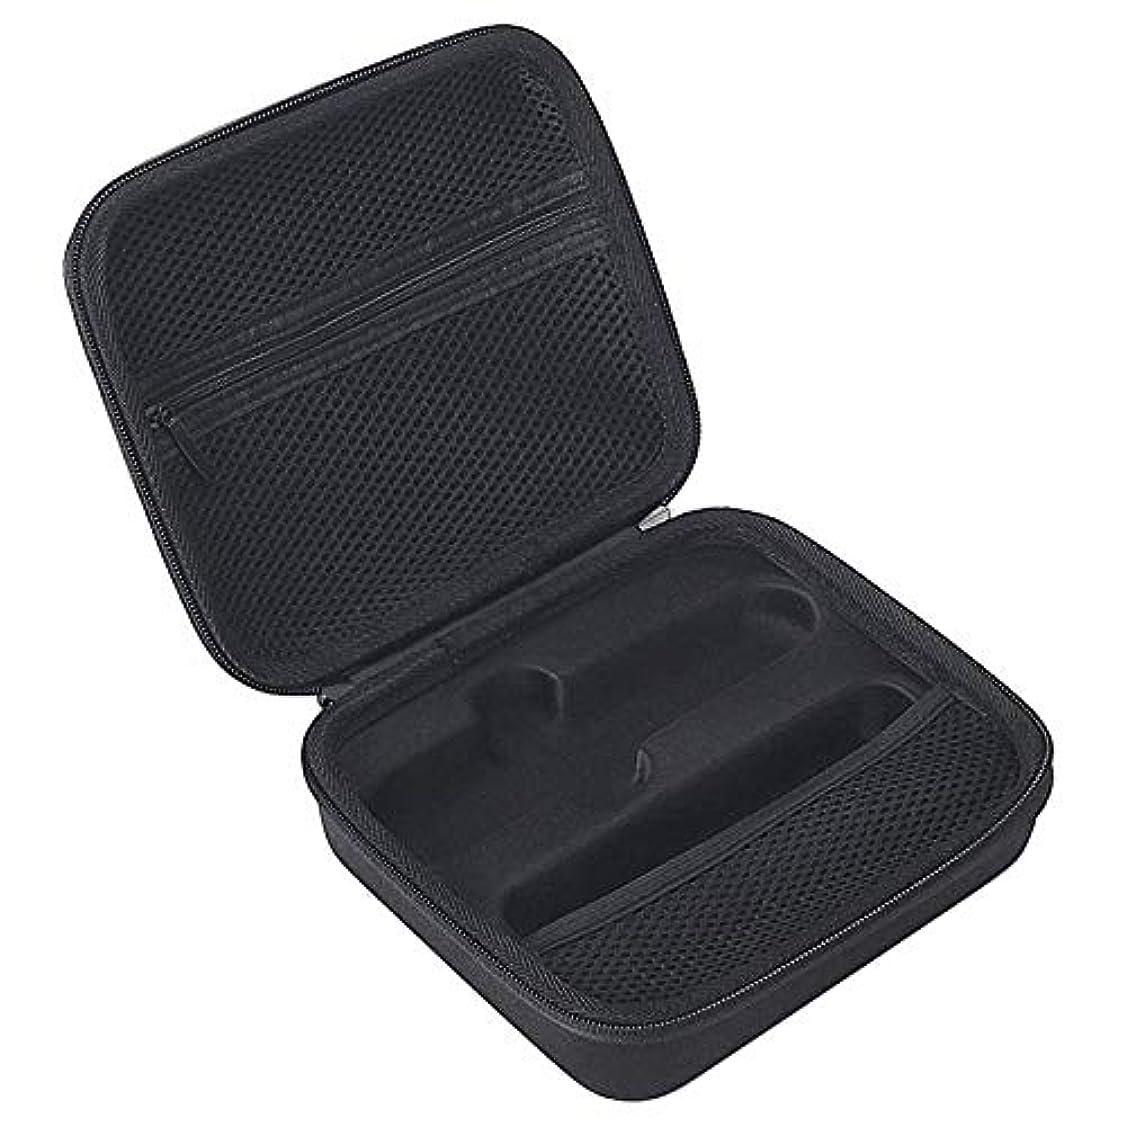 ペックコロニー意気込みCUHAWUDBA ハードトラベルボックスカバーバッグケース Norelco Multi Groomer Series 3000/5000/7000 Mg3750 Mg5750/49 Mg7750/49用